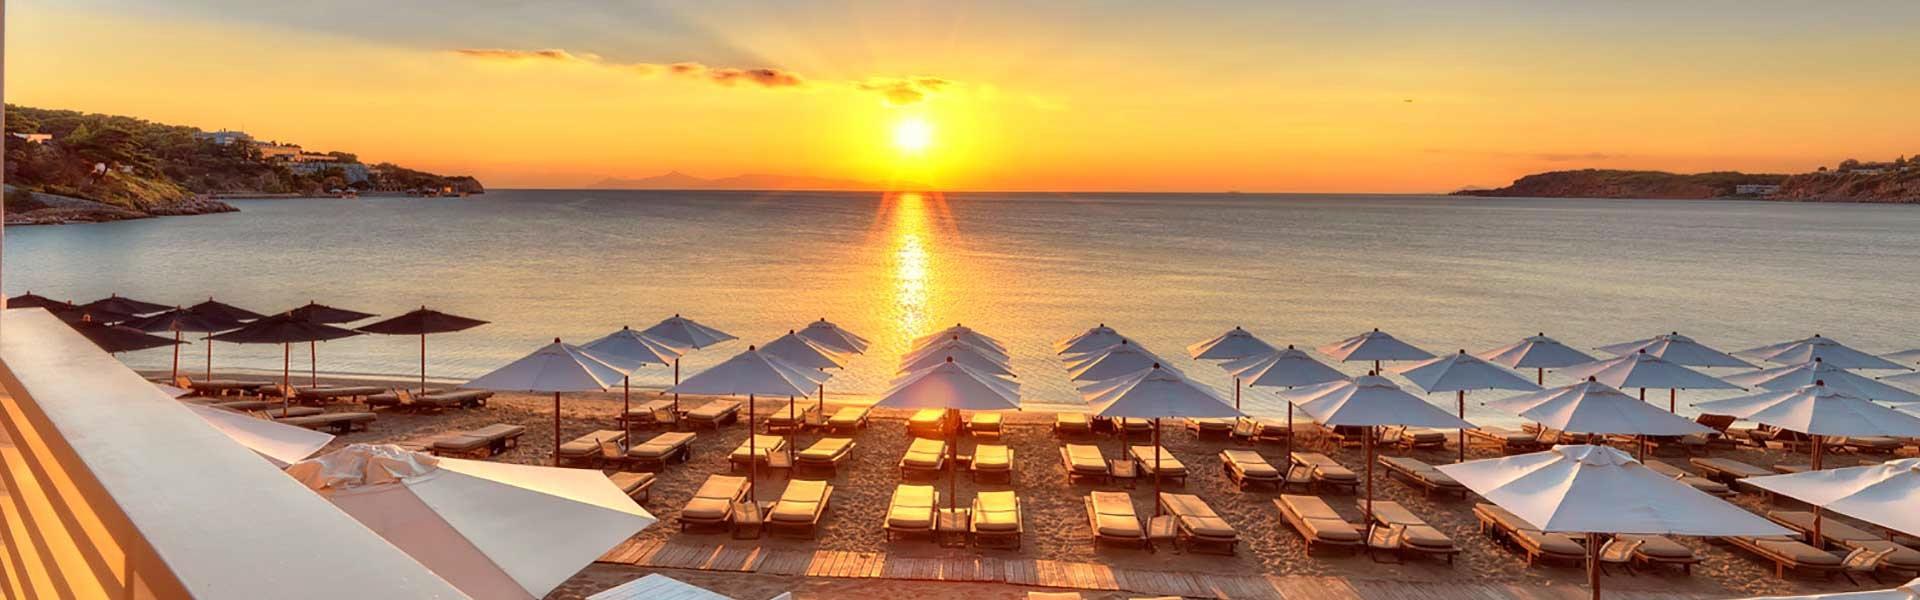 Astir Beach Athènes